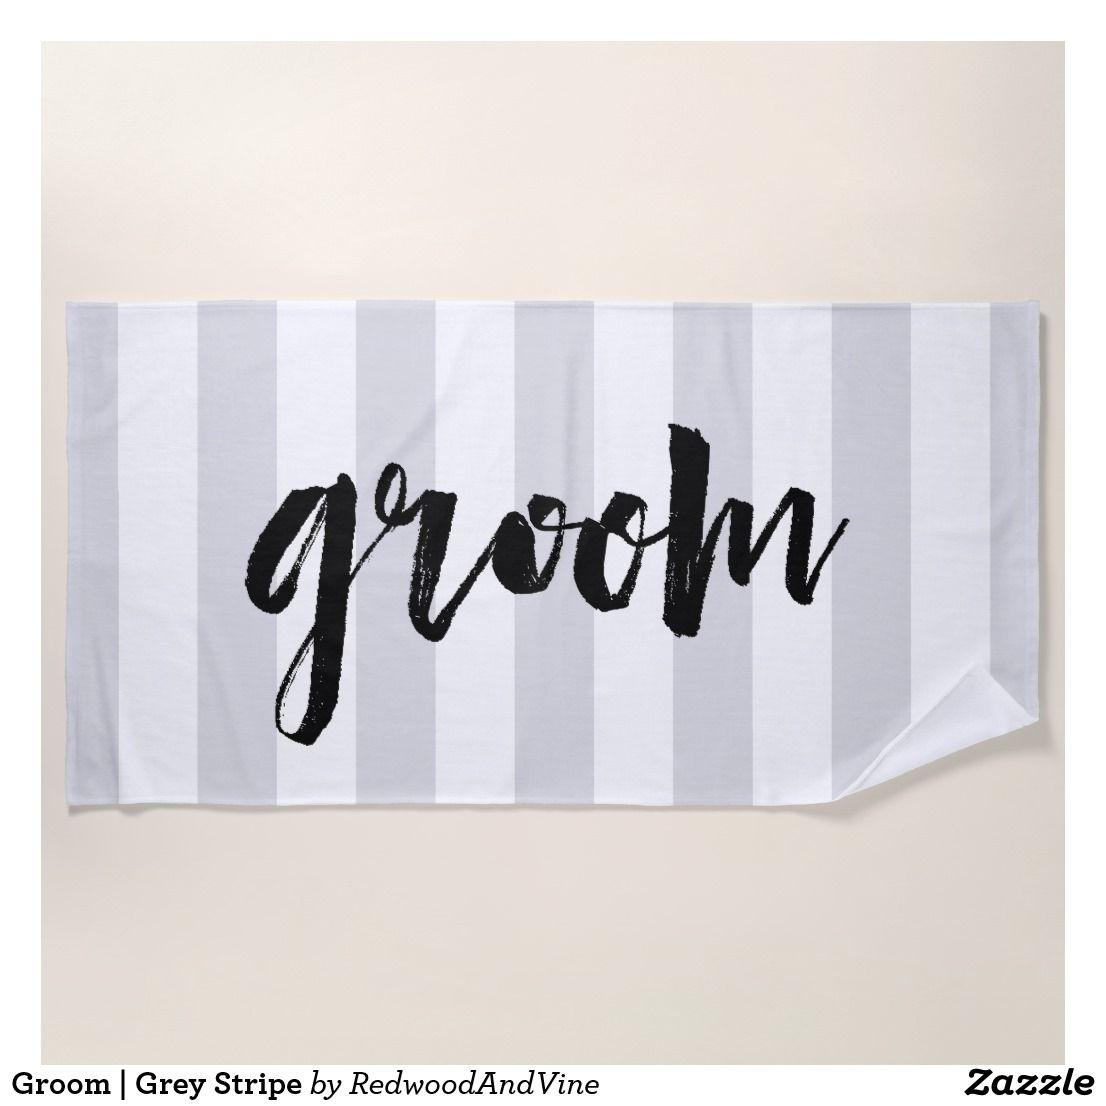 Groom Grey Stripe Beach Towel Zazzle Com Striped Beach Towel